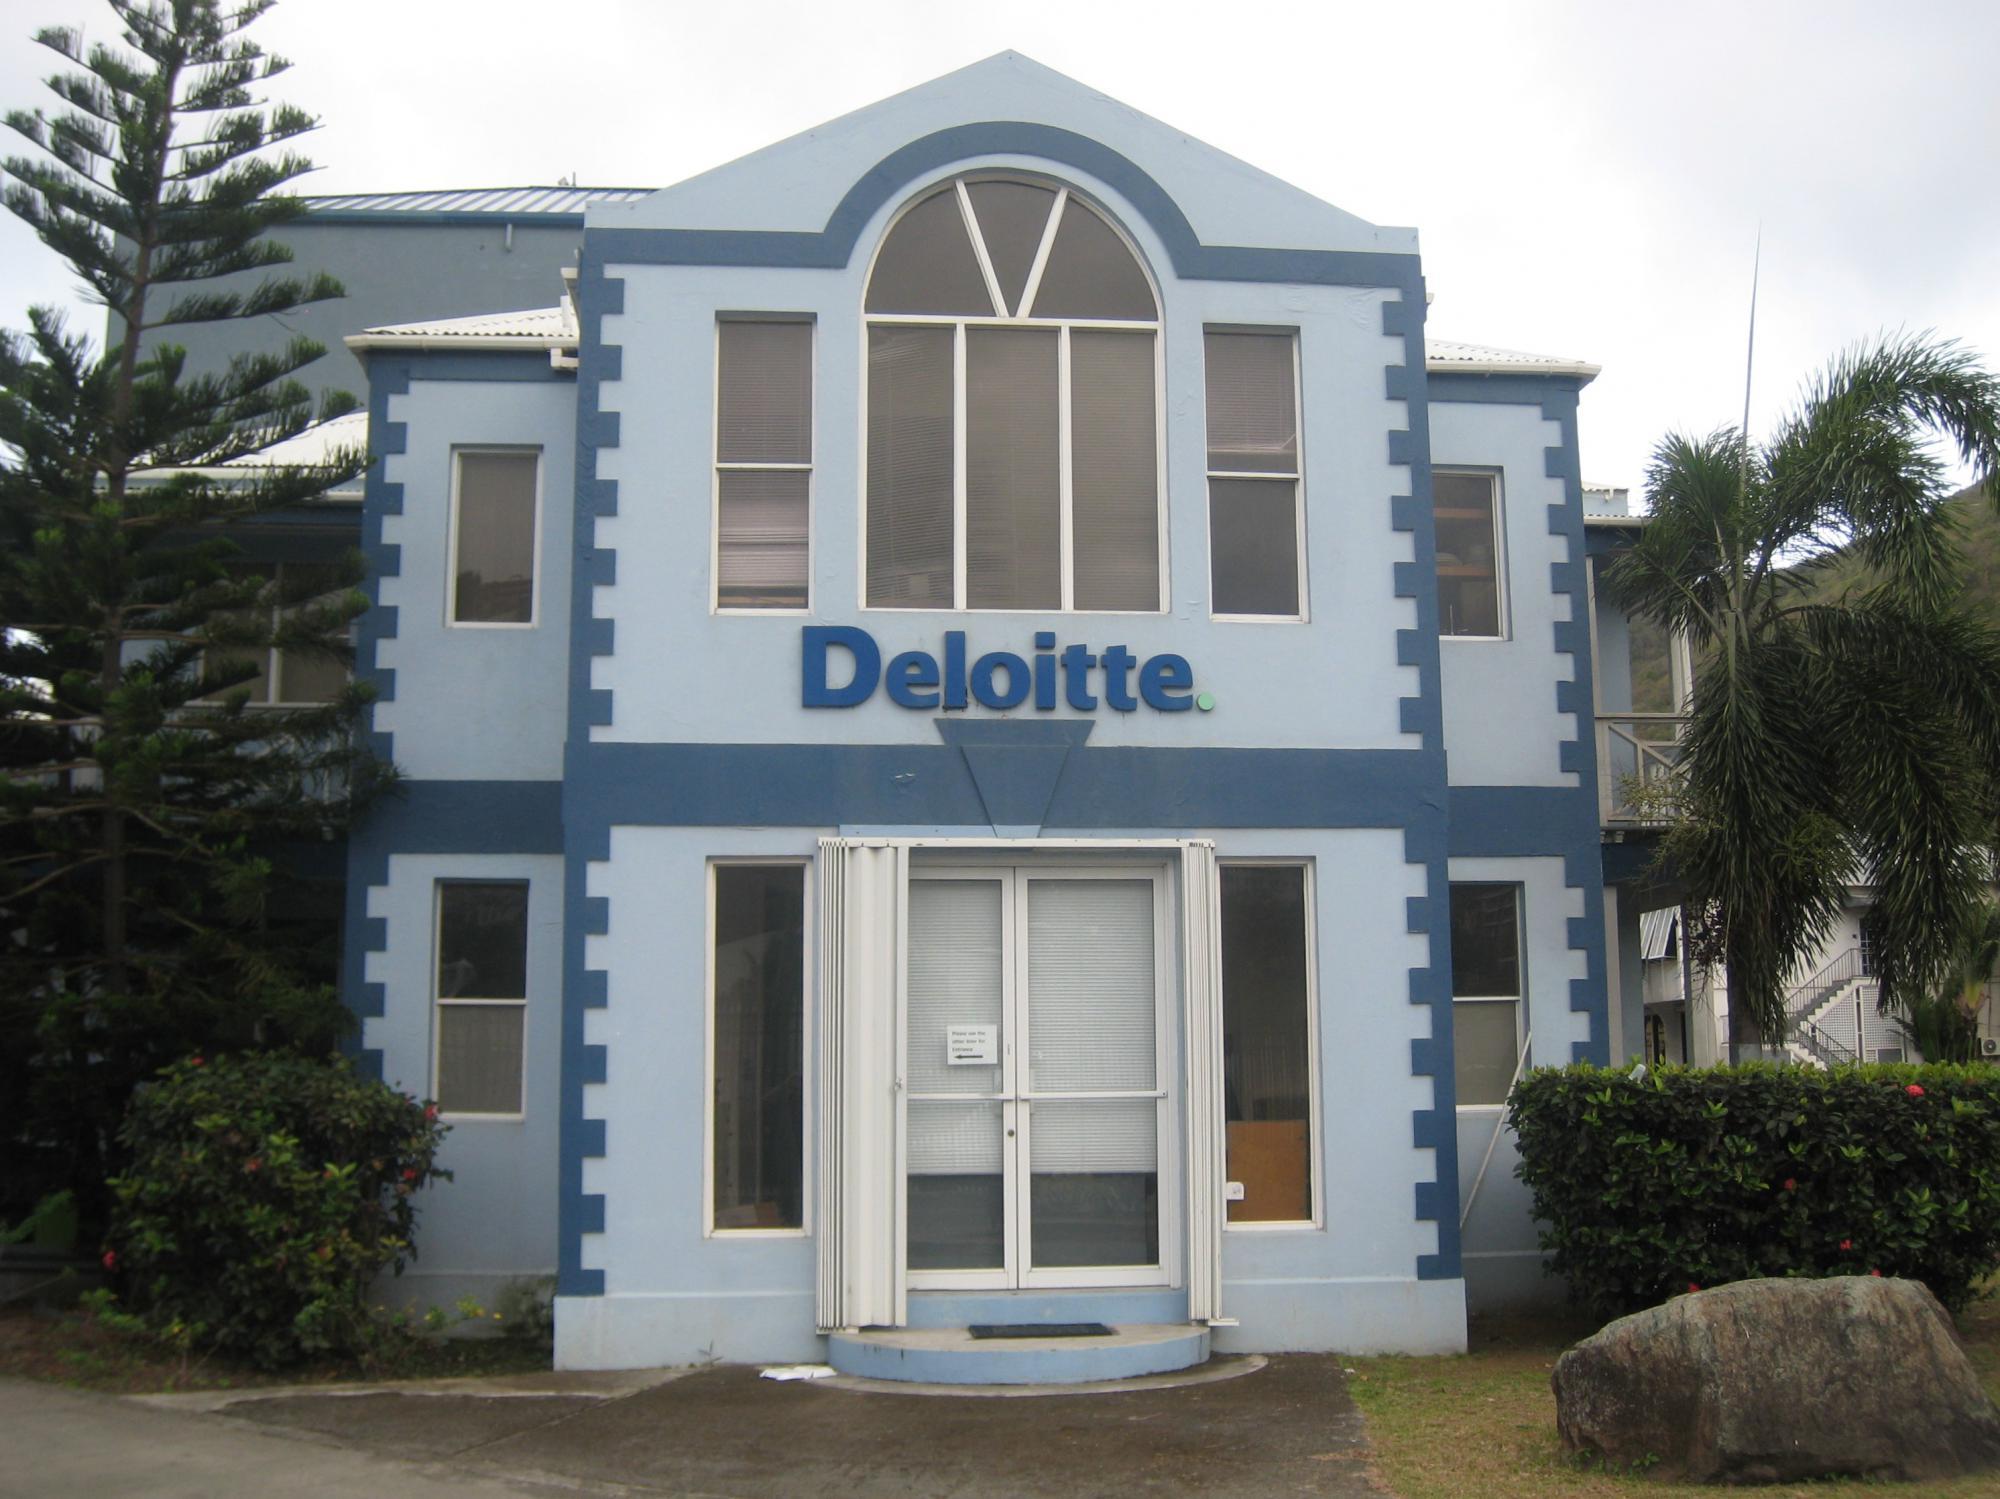 Офис Deloitte на БВО. Один из офисов, представленной на BVI фирм